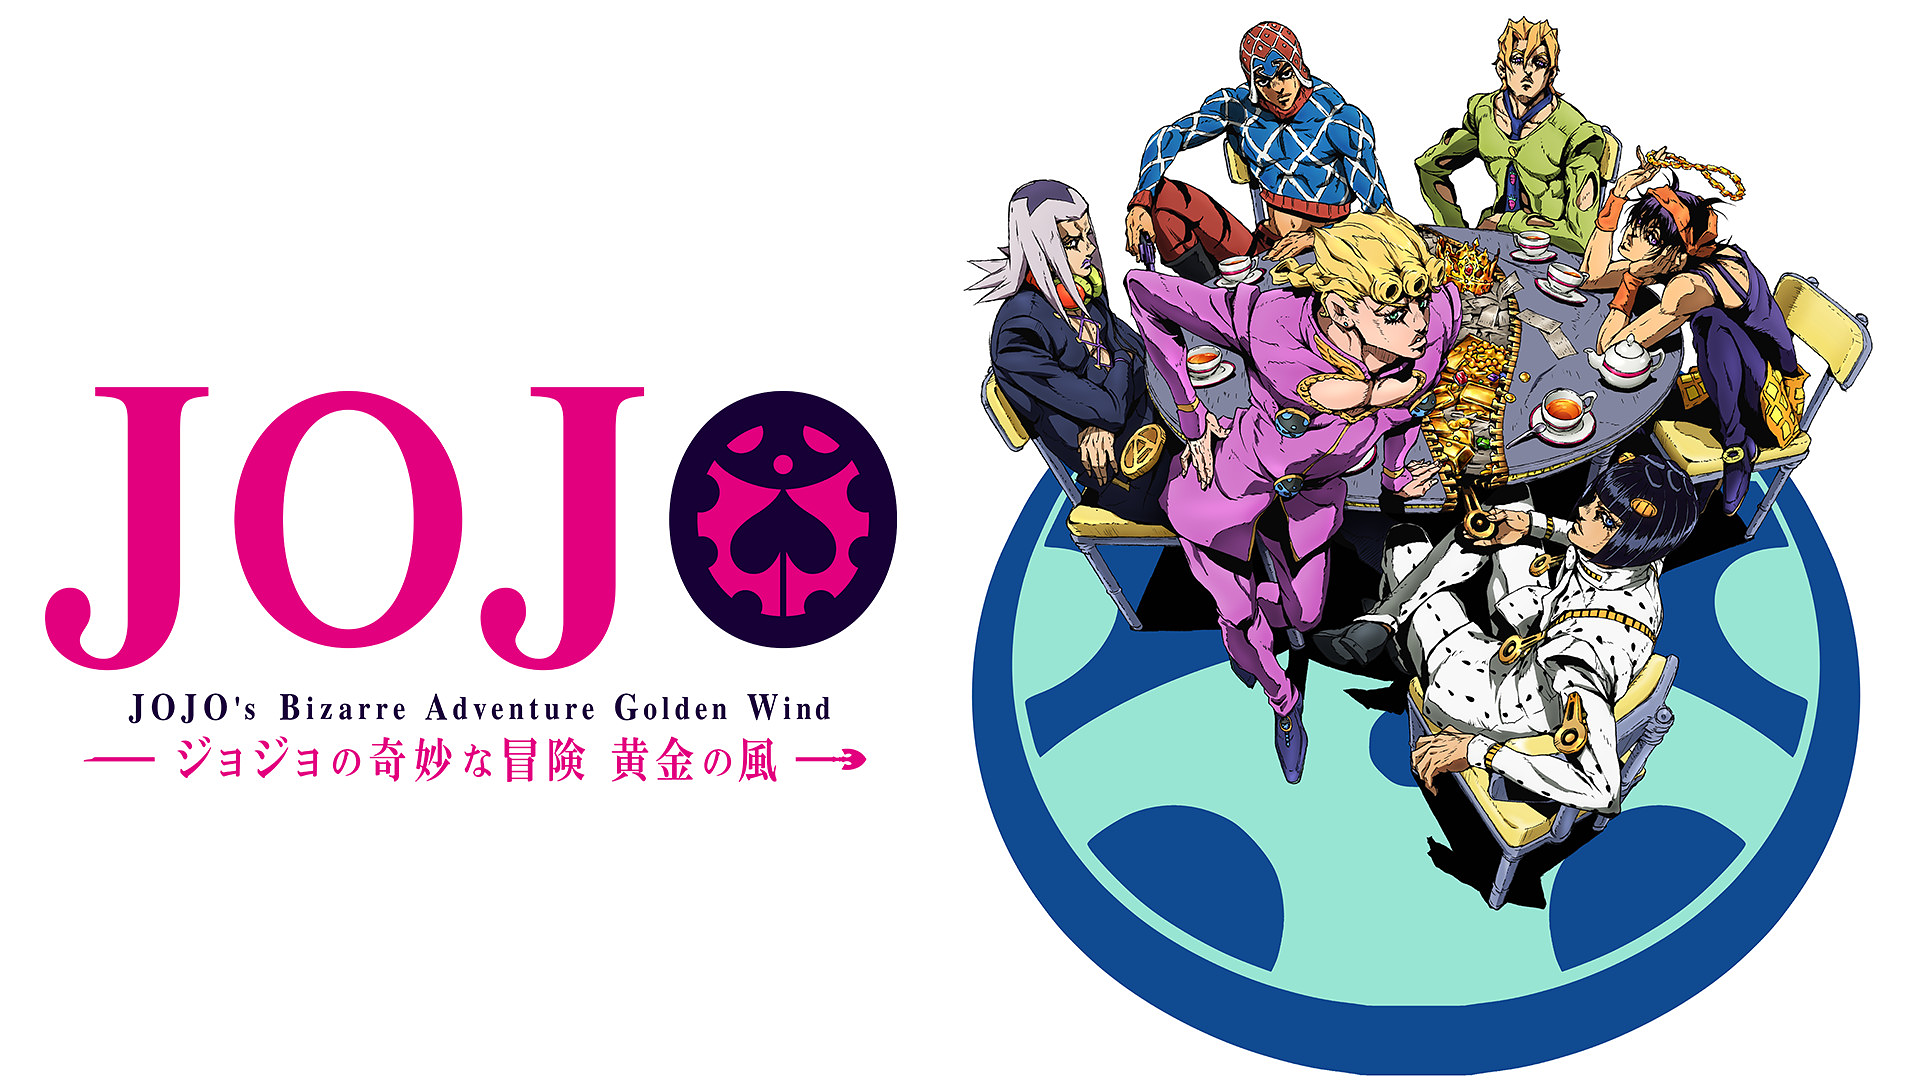 ジョジョの奇妙な冒険 黄金の風 アニメ動画見放題 Dアニメストア